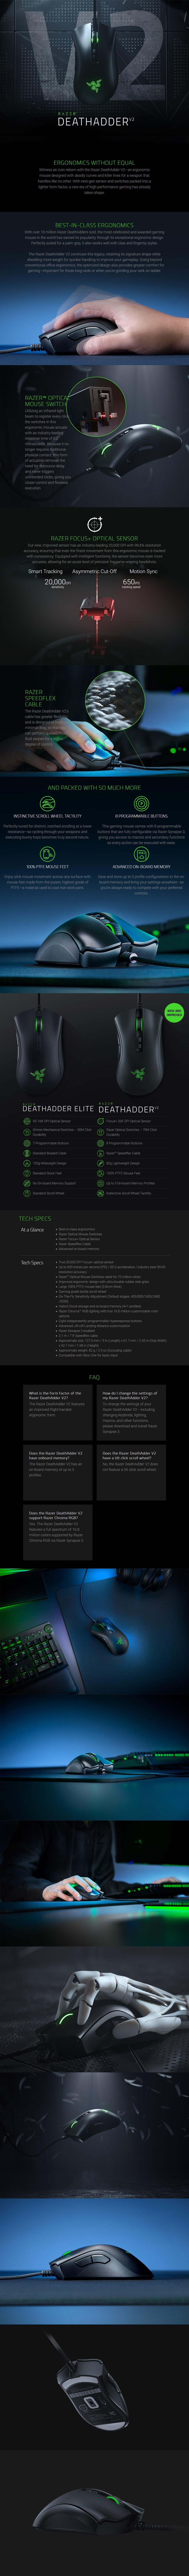 razer-deathadder-v2-ergonomic-optical-gaming-mouse-ac32213-2.jpg